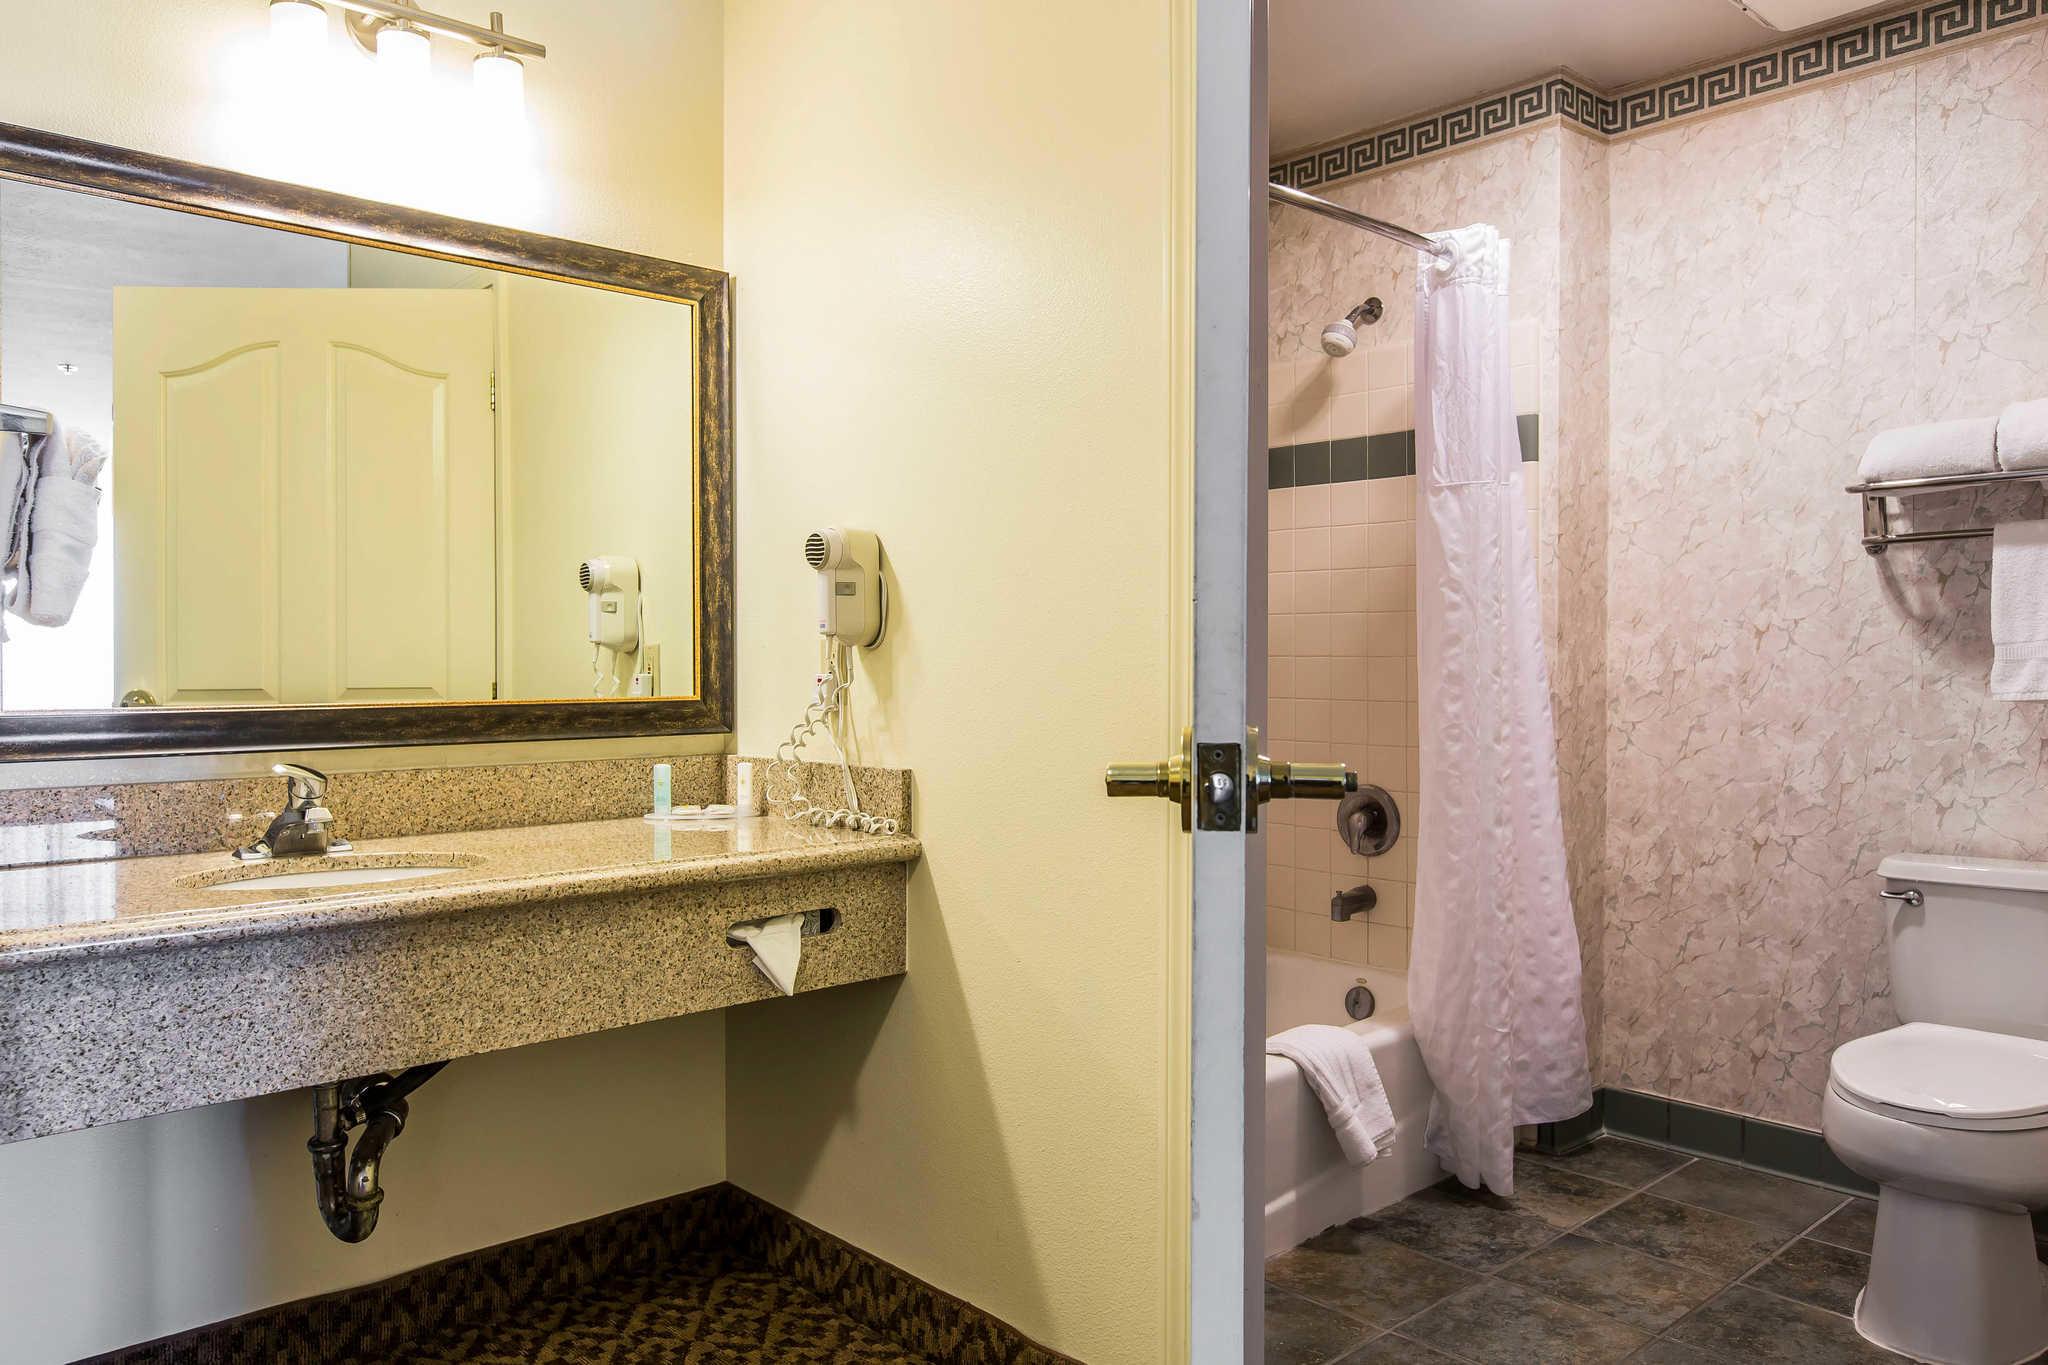 Comfort Inn & Suites El Centro I-8 image 7